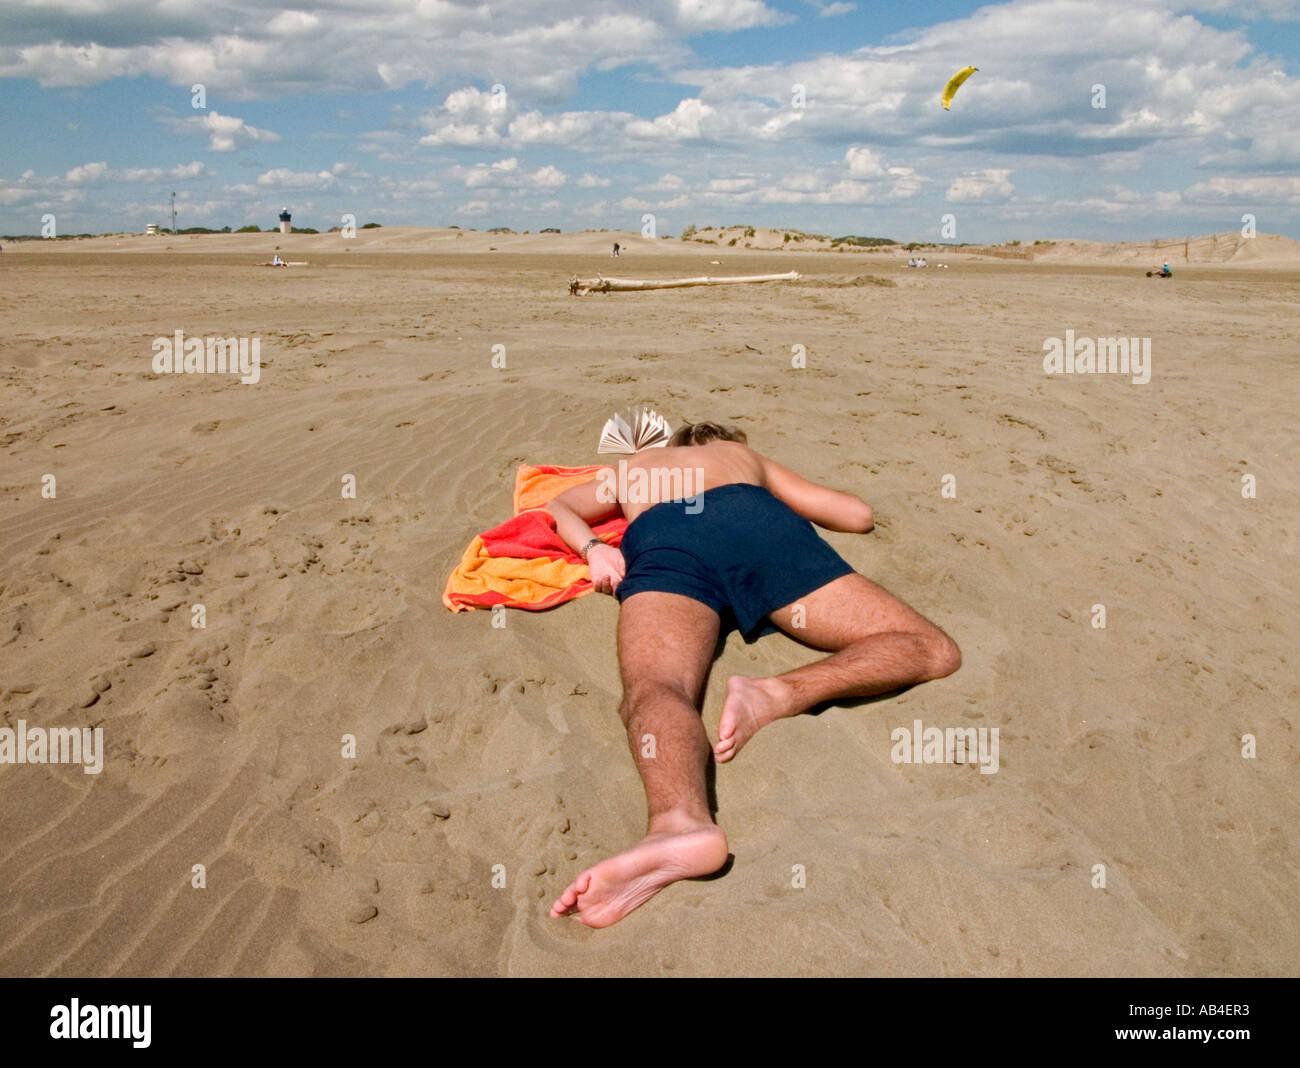 ein junger Mann liegt auf seiner Vorderseite auf Strandtuch mit offenen Buch Stockbild